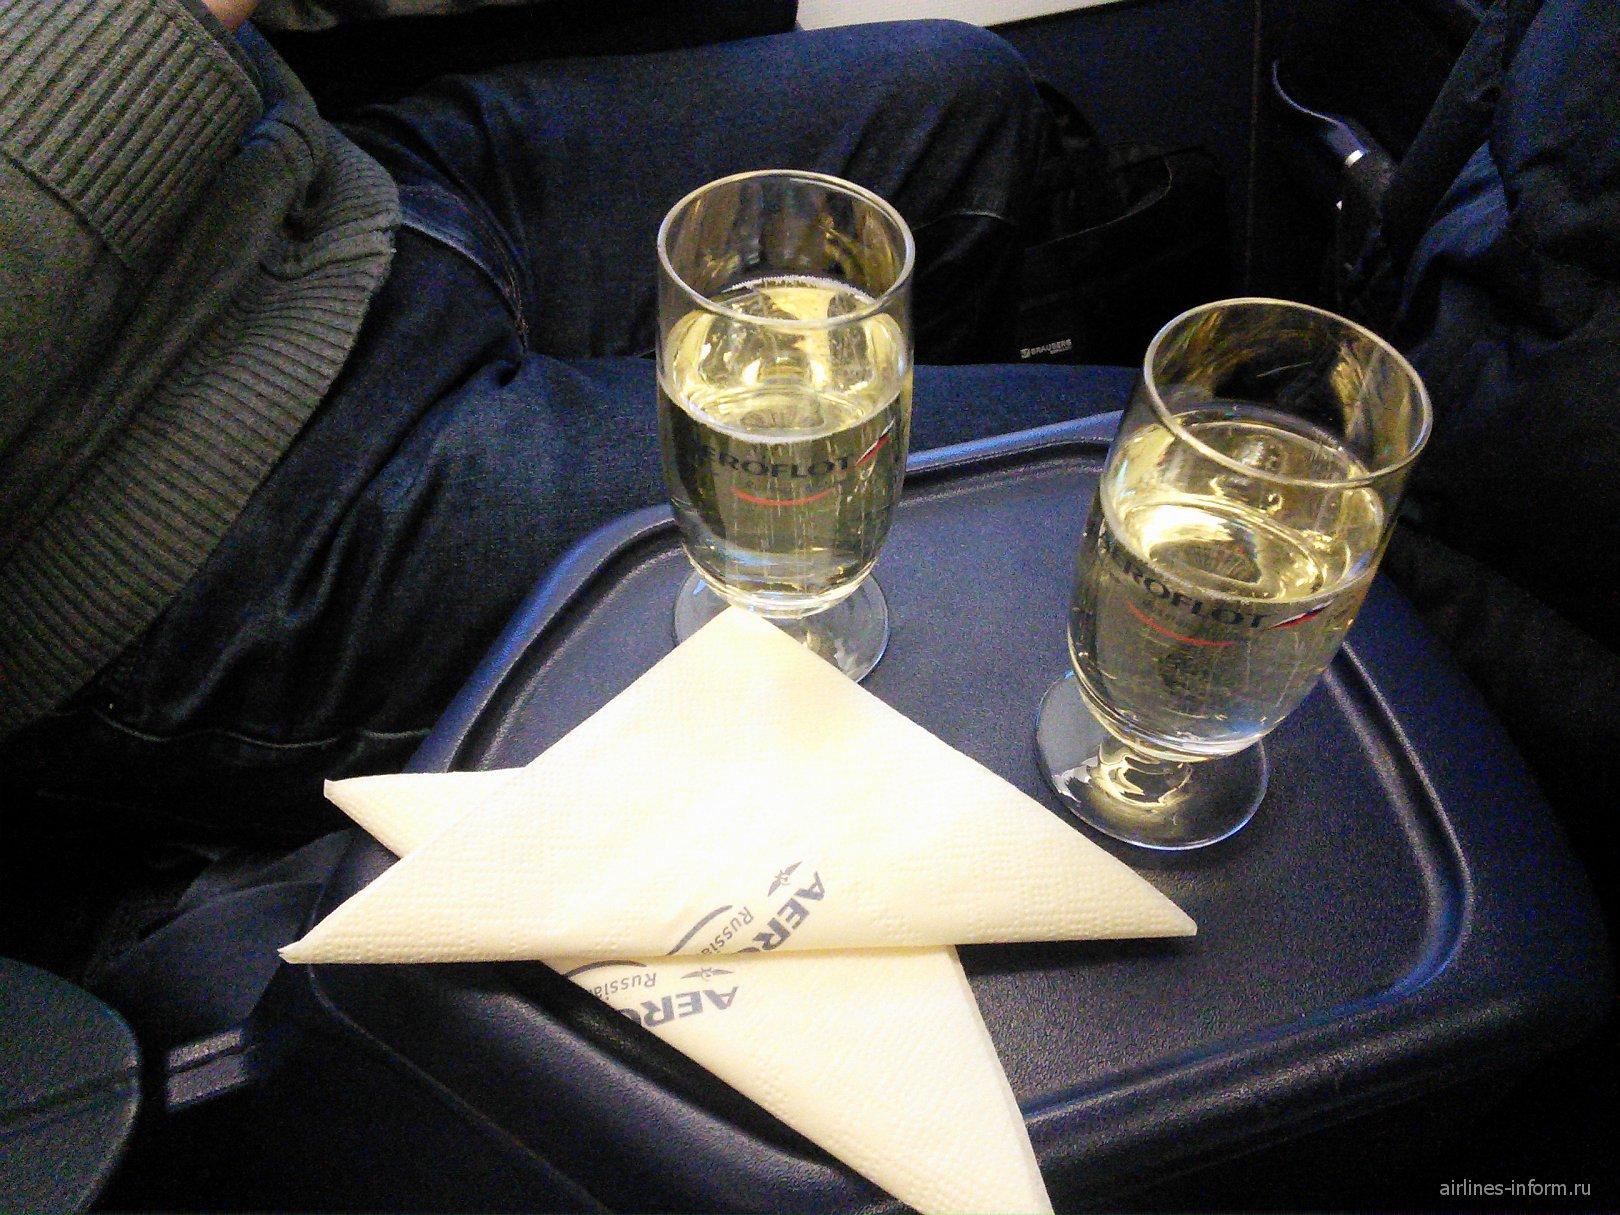 """Москва - Новосибирск """"Аэрофлотом"""" в бизнес-классе (28 декабря 2014)"""